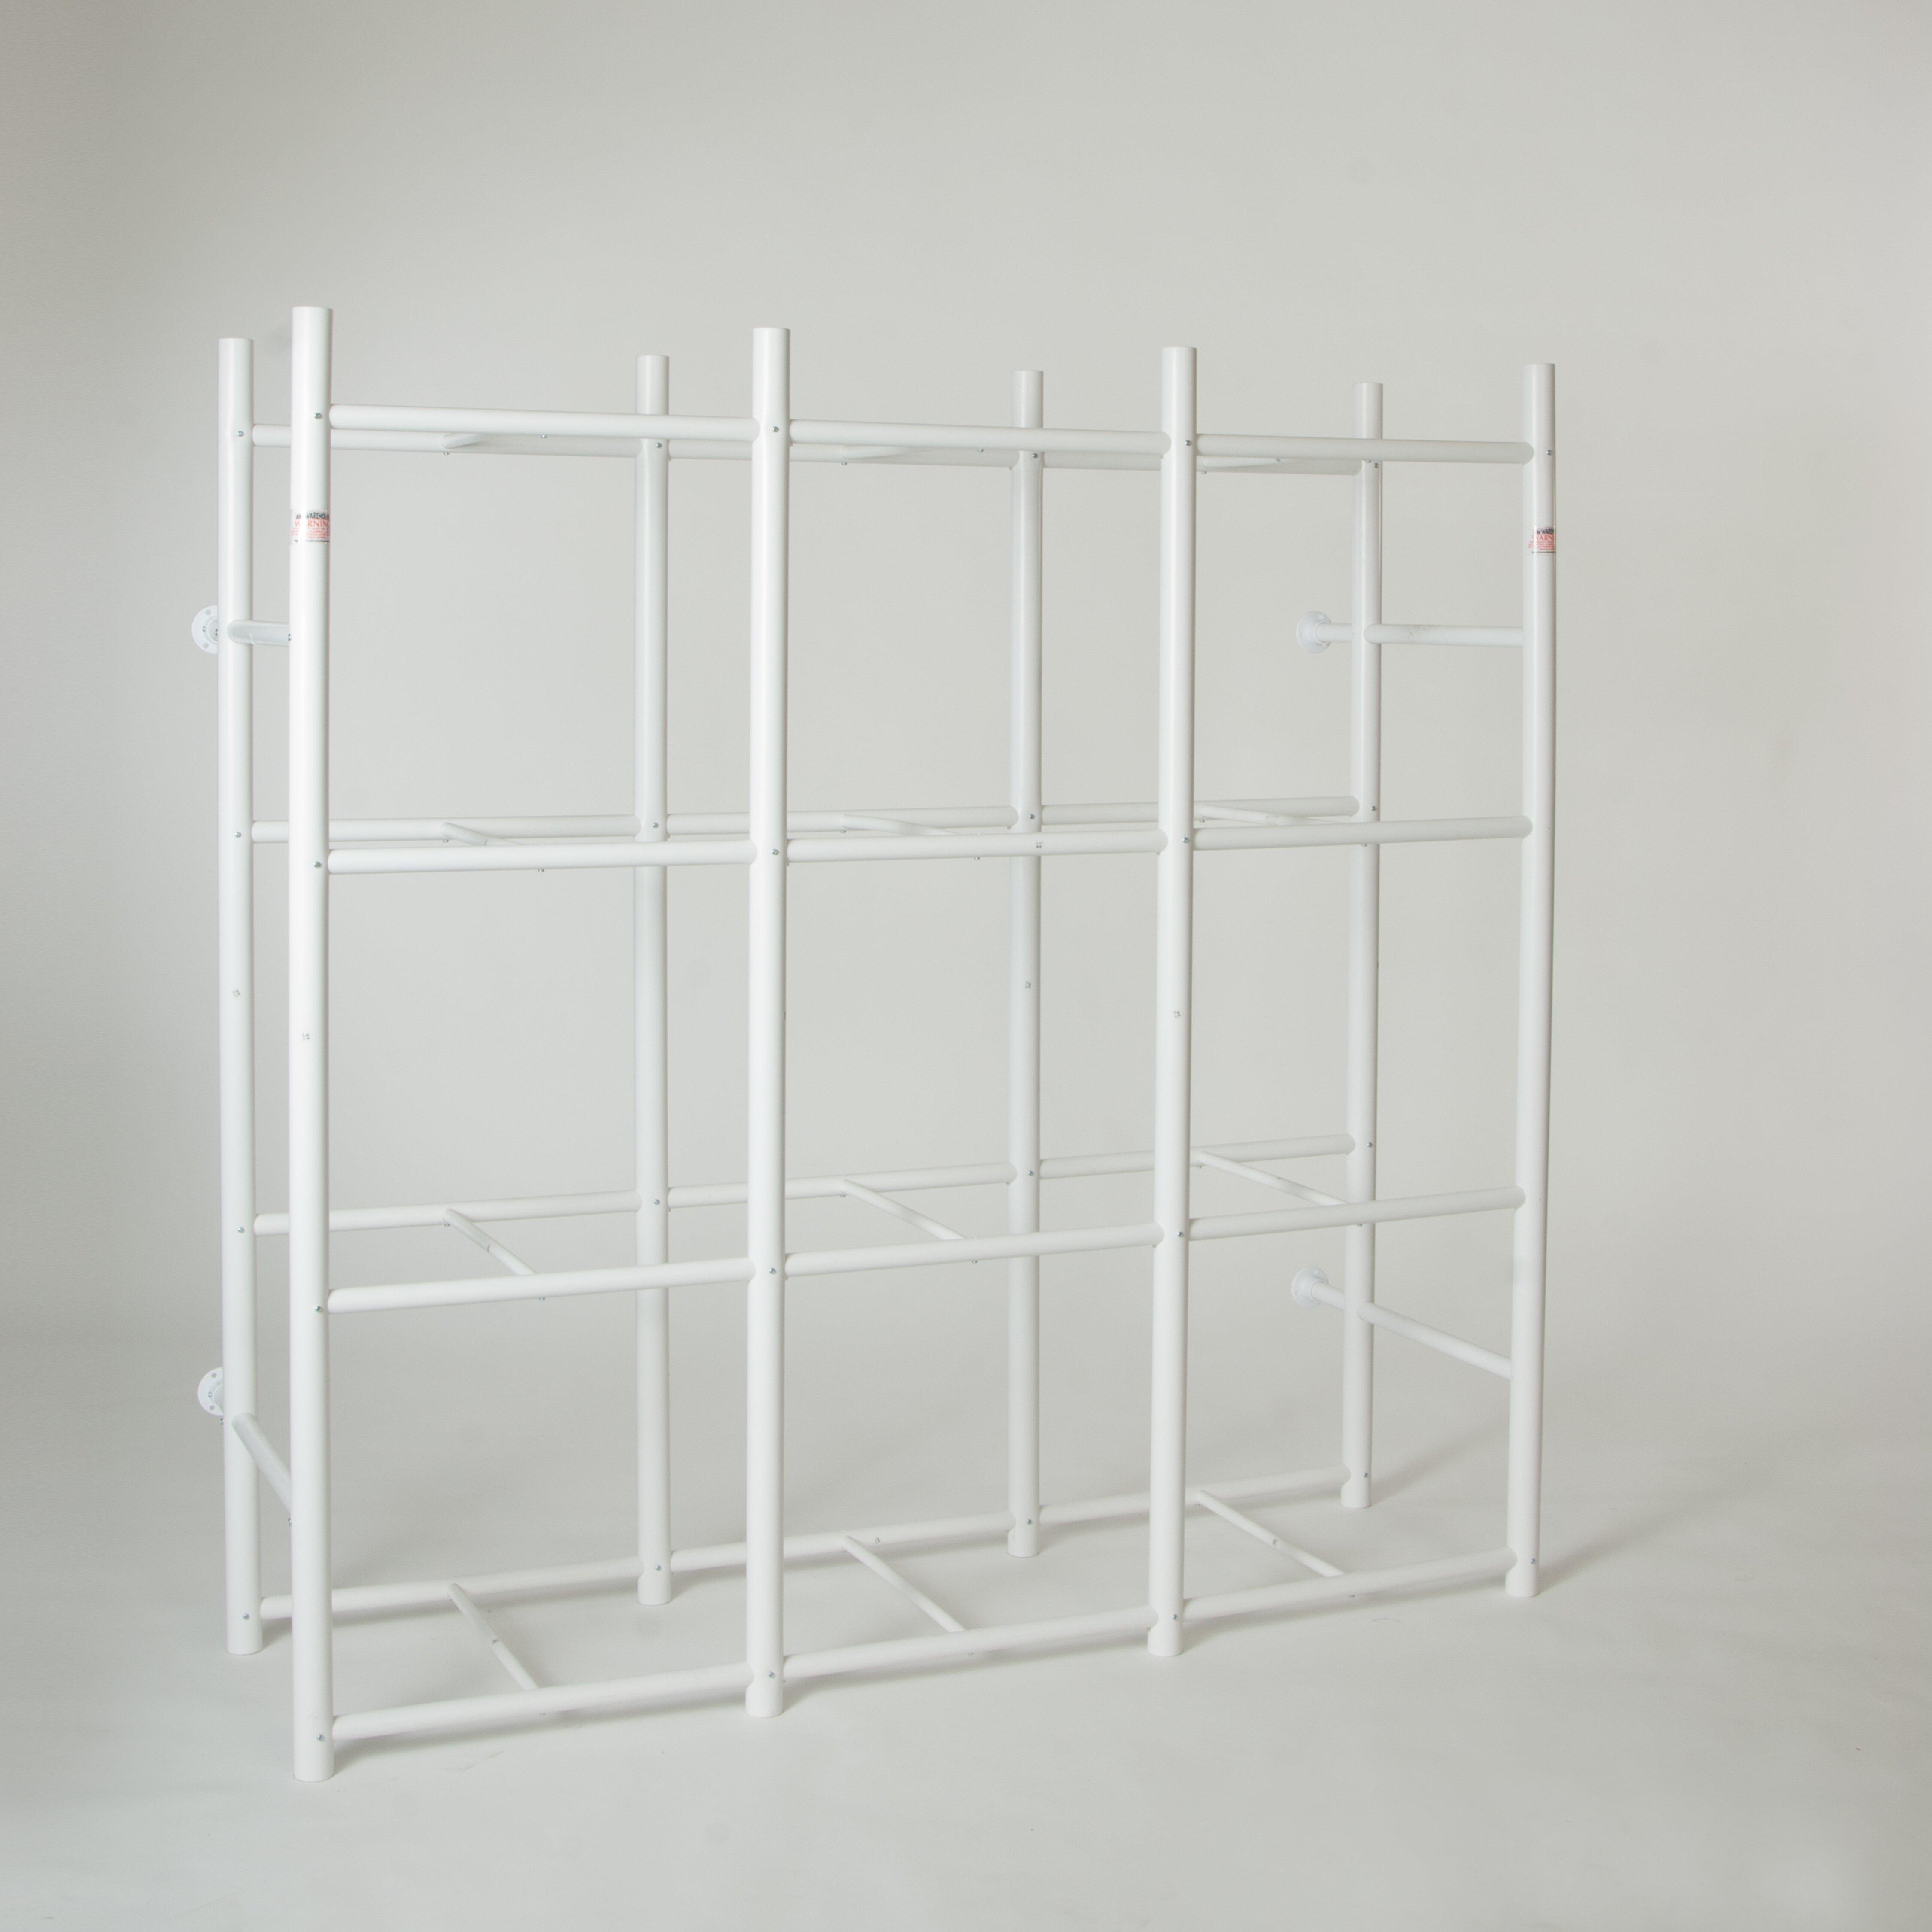 Image Result For Storage Bin Rack System